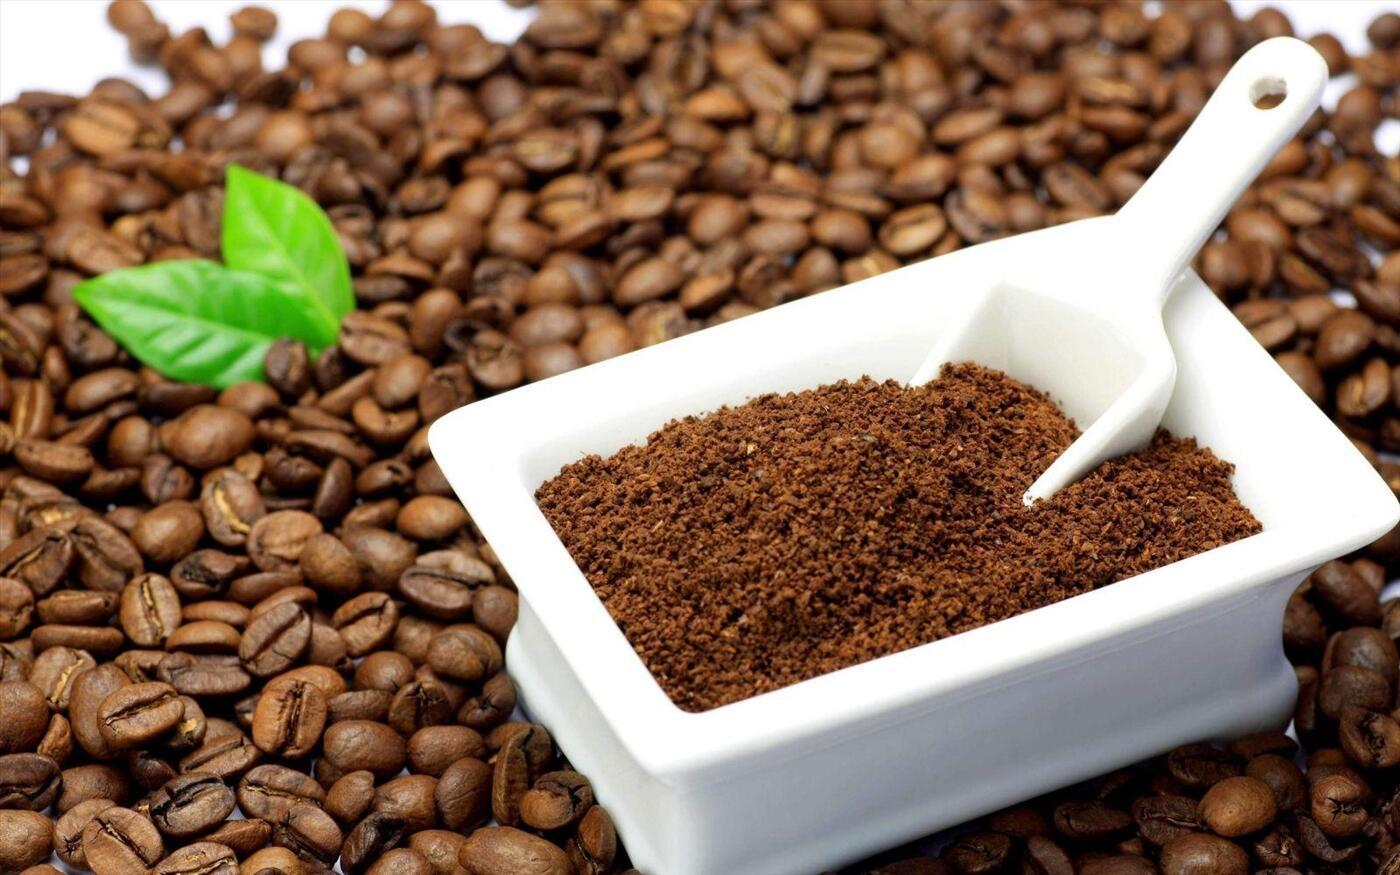 Bạn hoàn toàn có thể tự rang cà phê tại nhà